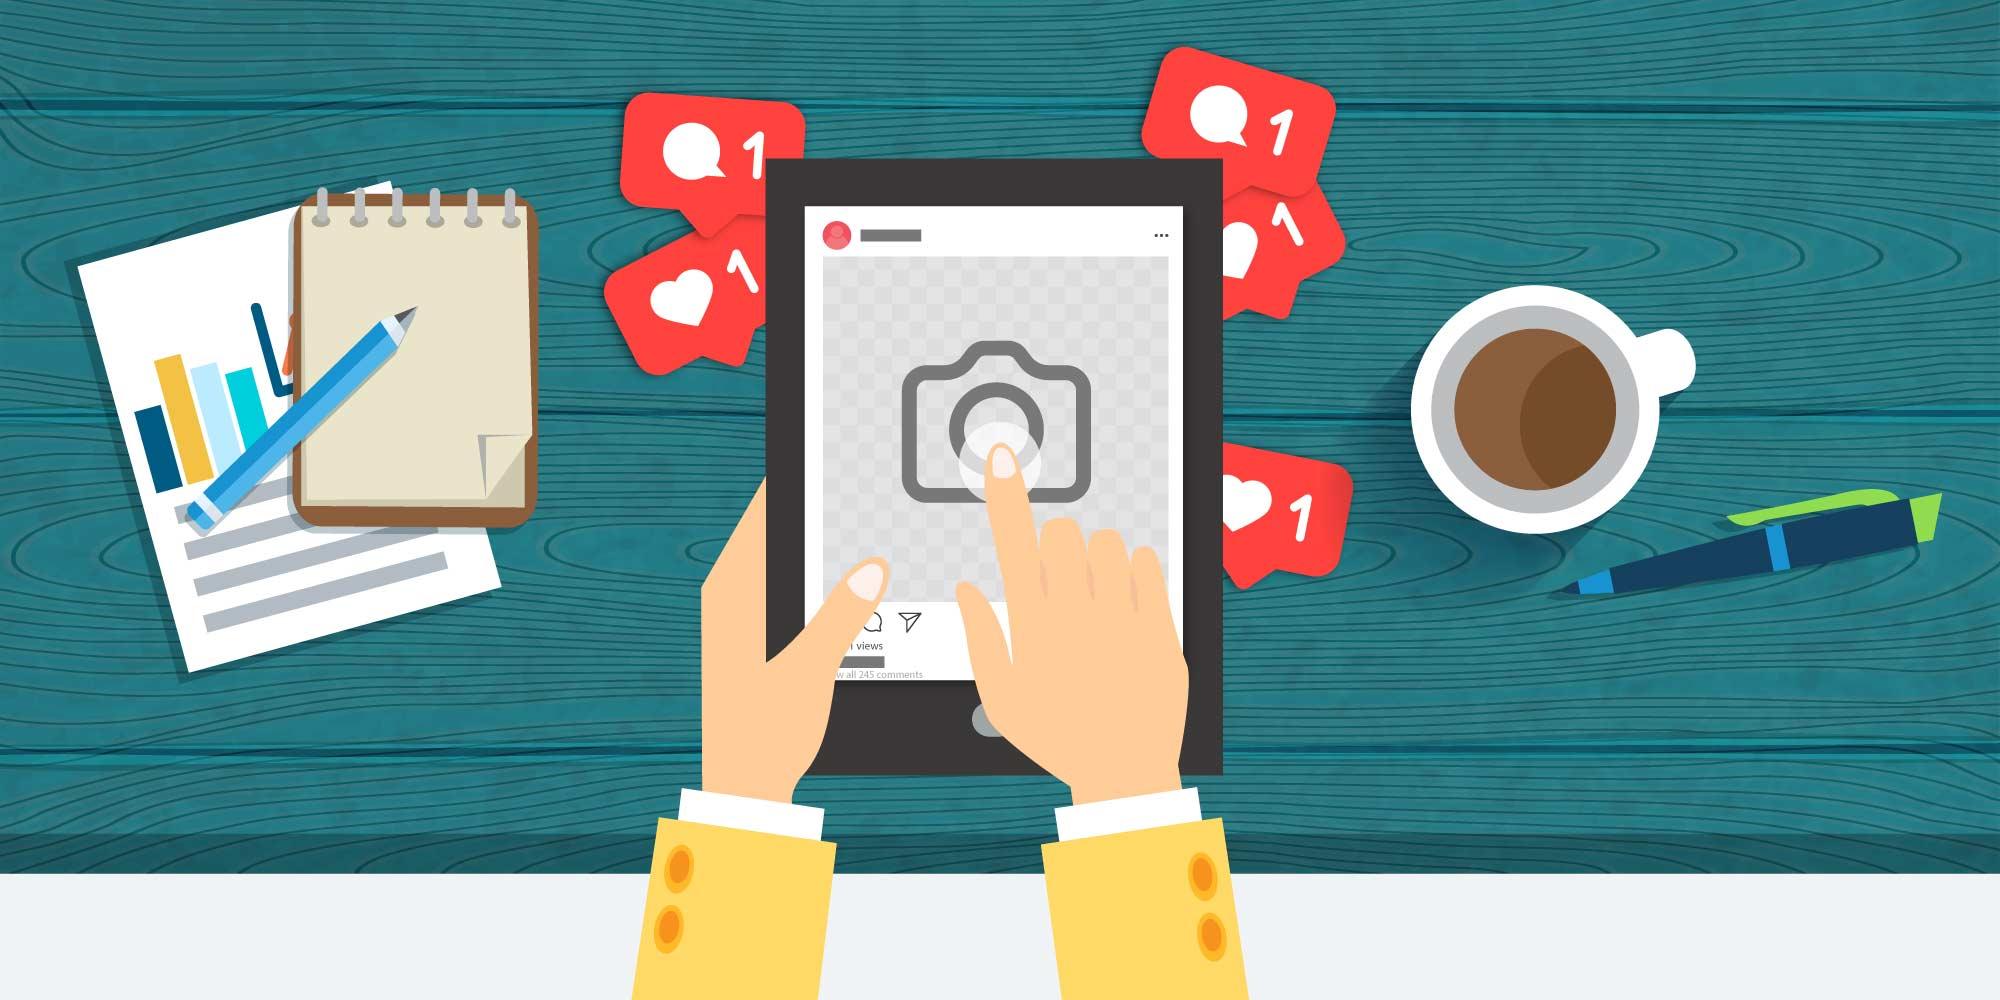 تعامل اجتماعی کاربران در مورد شاخصها و ابزارهای اندازهگیری آگاهی از برند